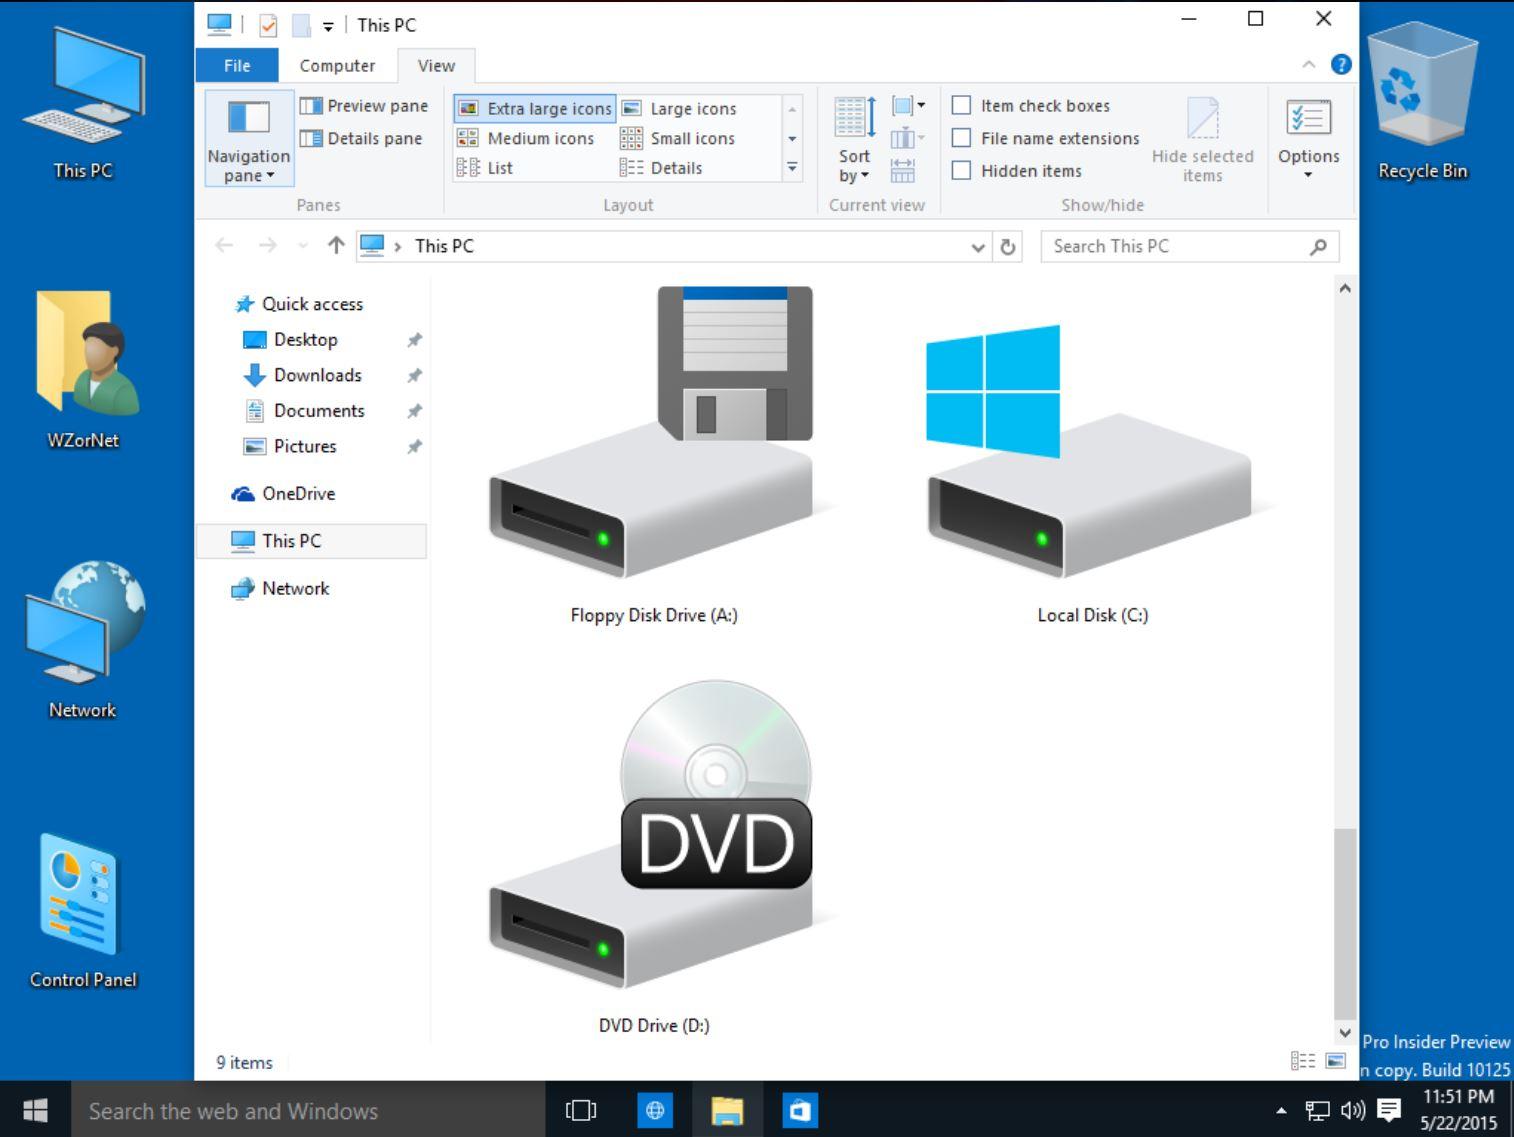 Cambios En La Interfaz Y Los Iconos En La Build 10125